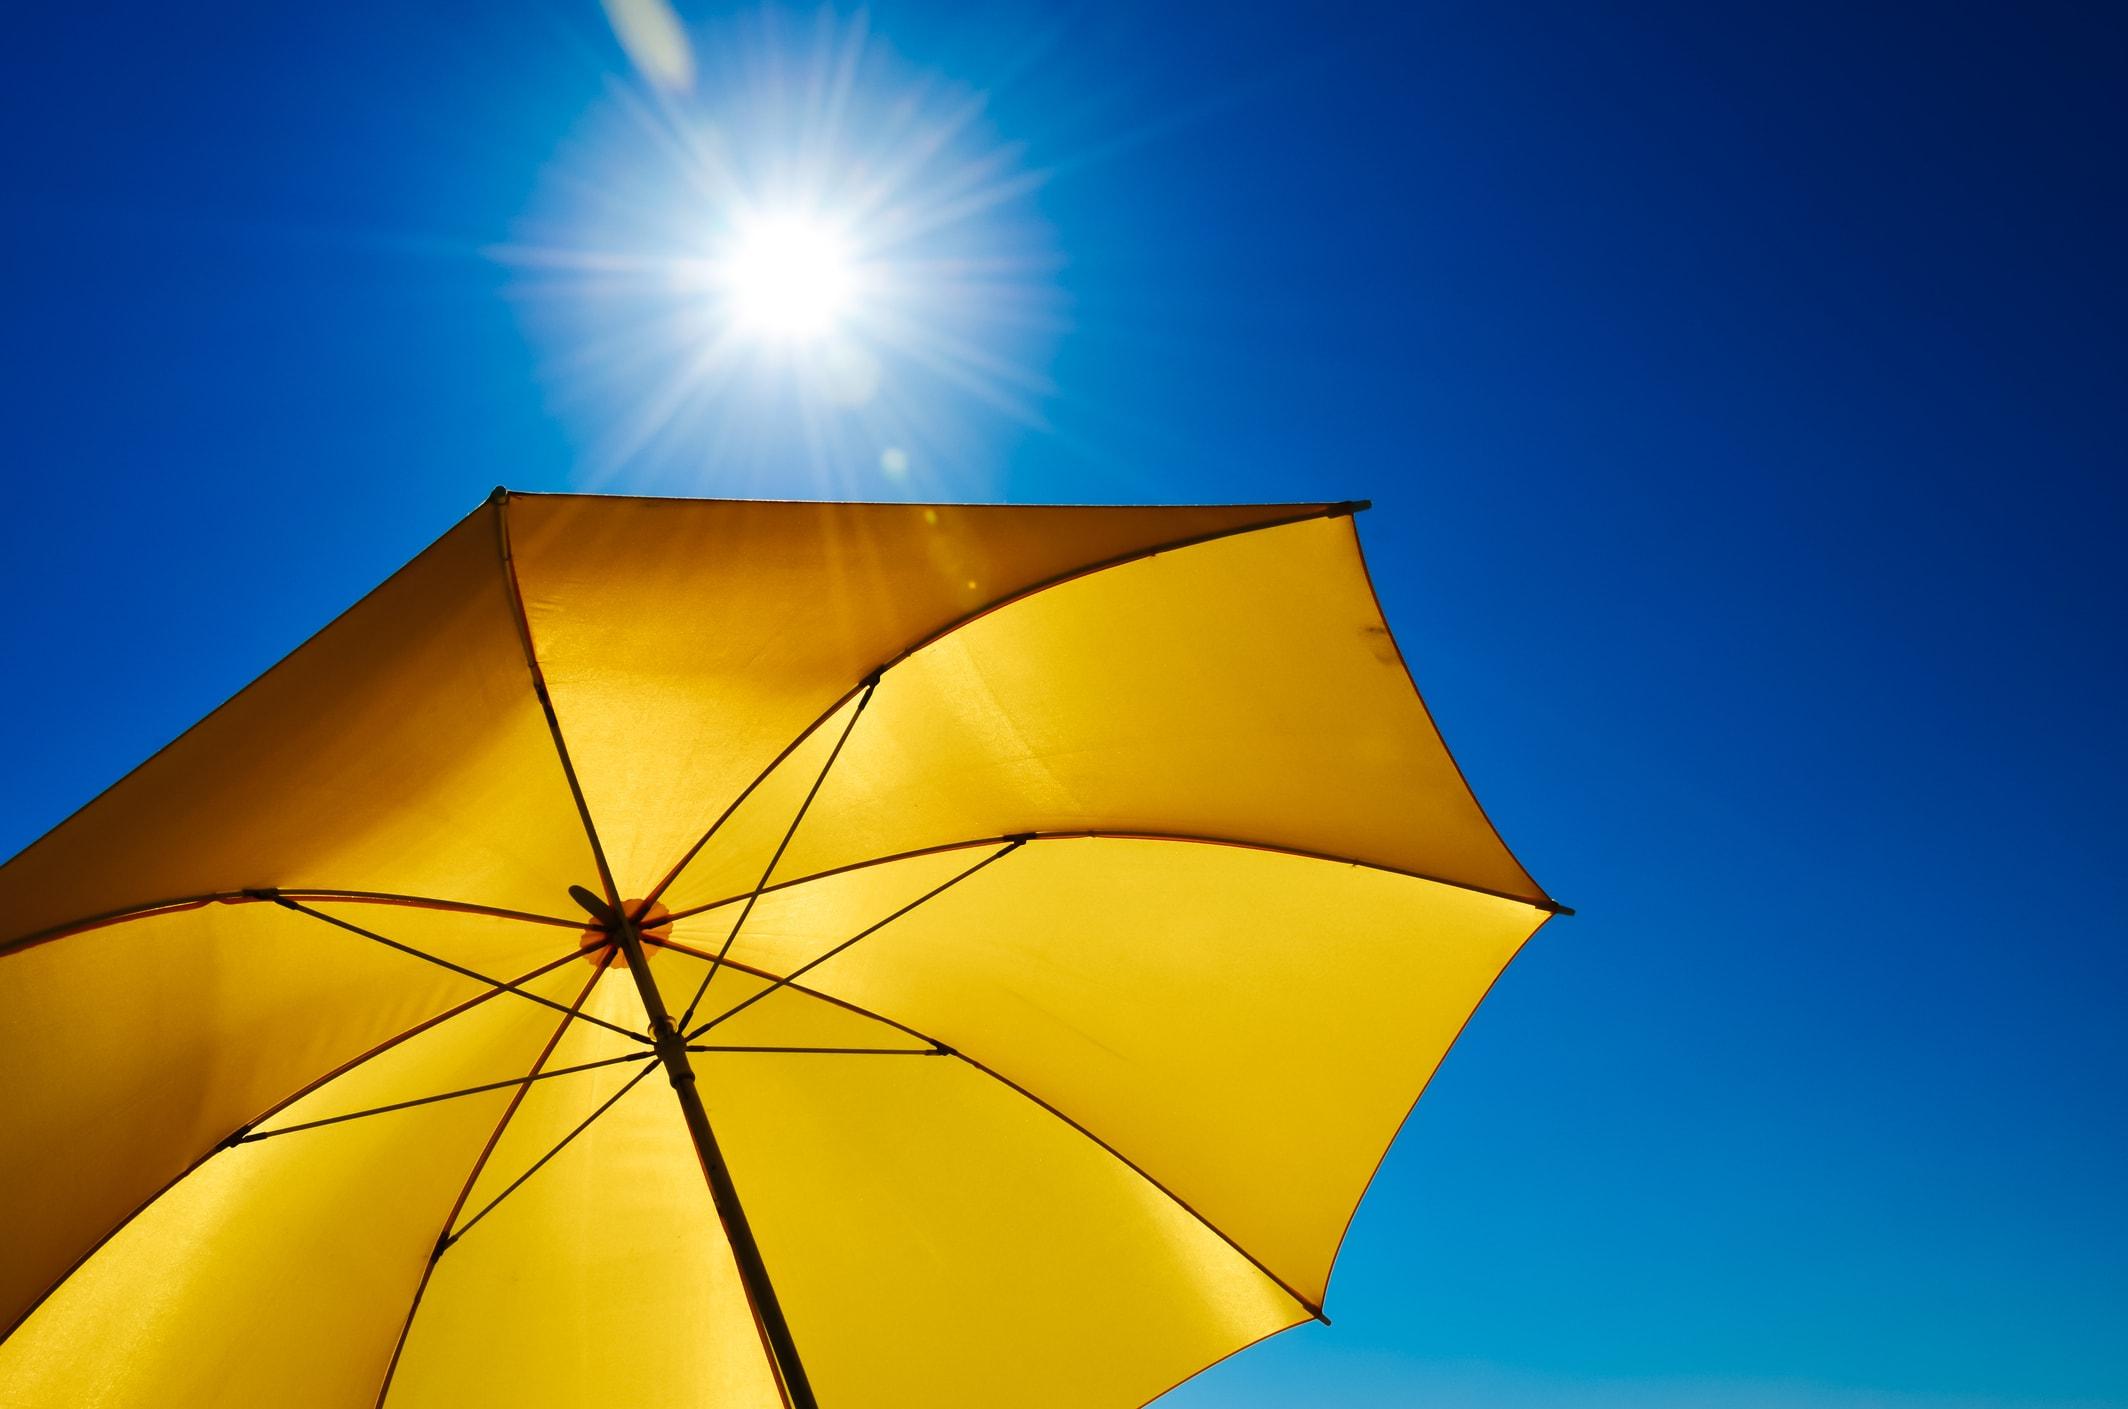 Sonne und Regenschirm